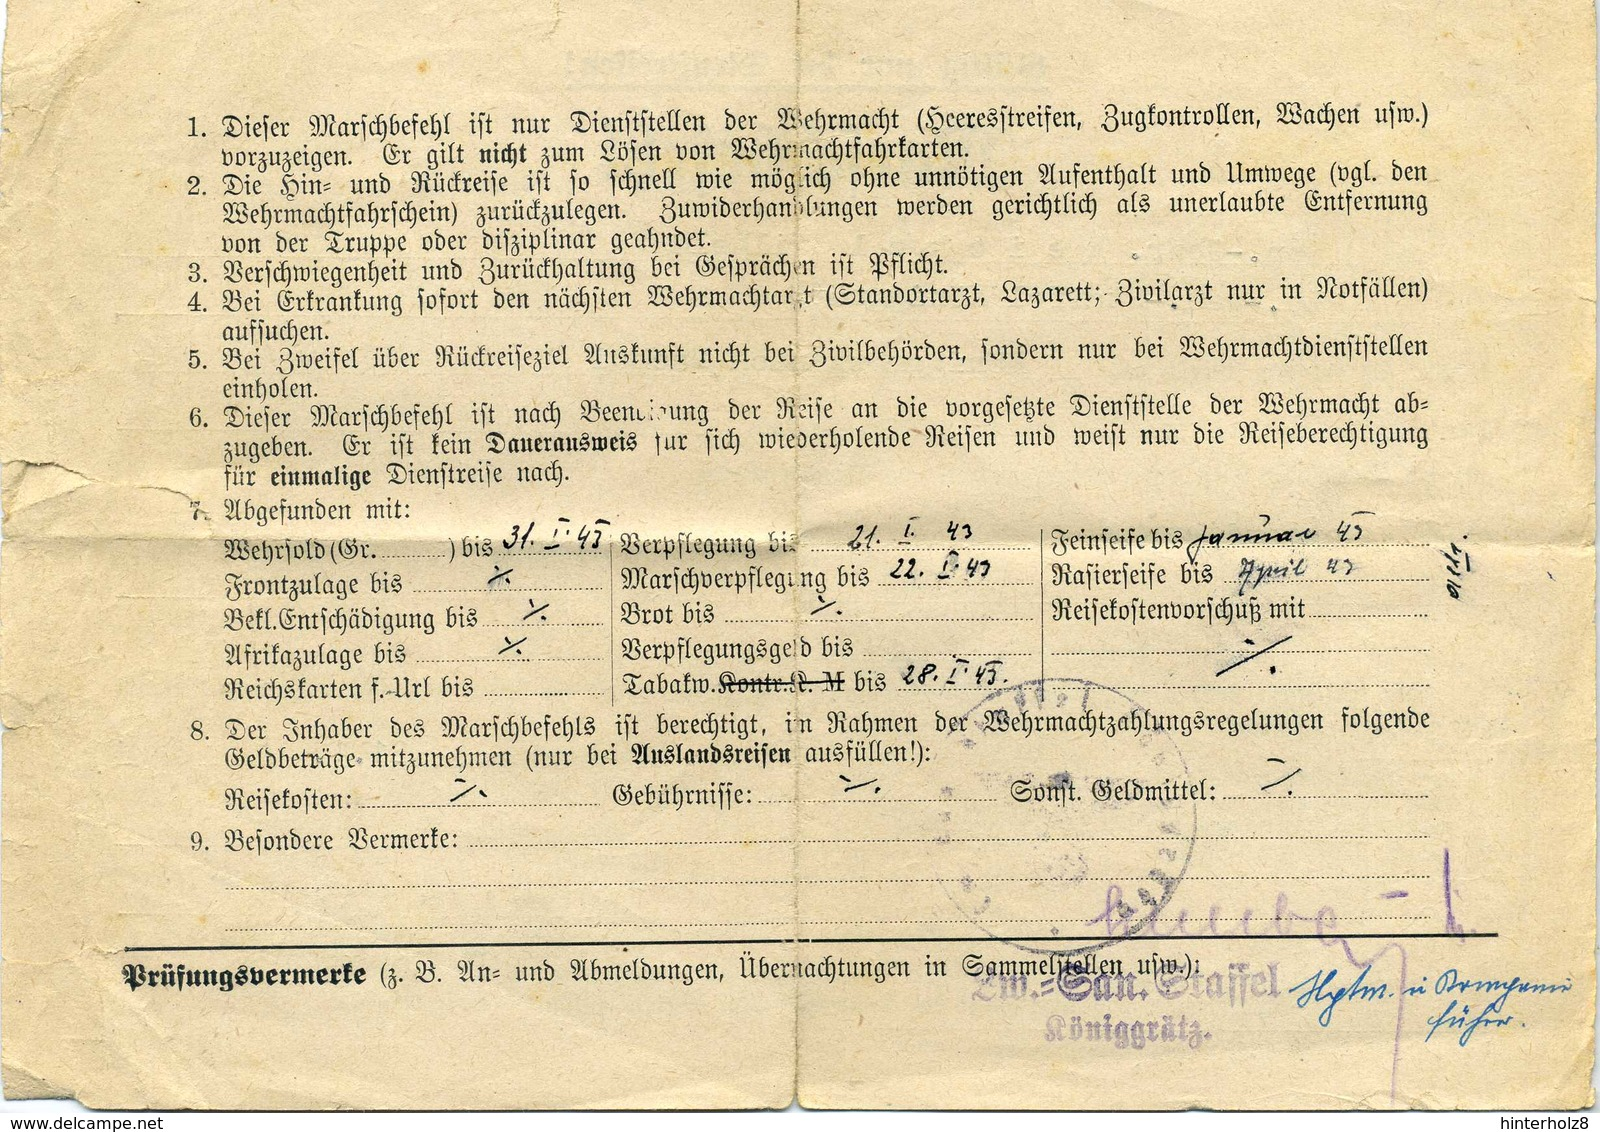 DR.; Marschbefehl Für Dienstreise, Königgrätz 1944 - Dokumente